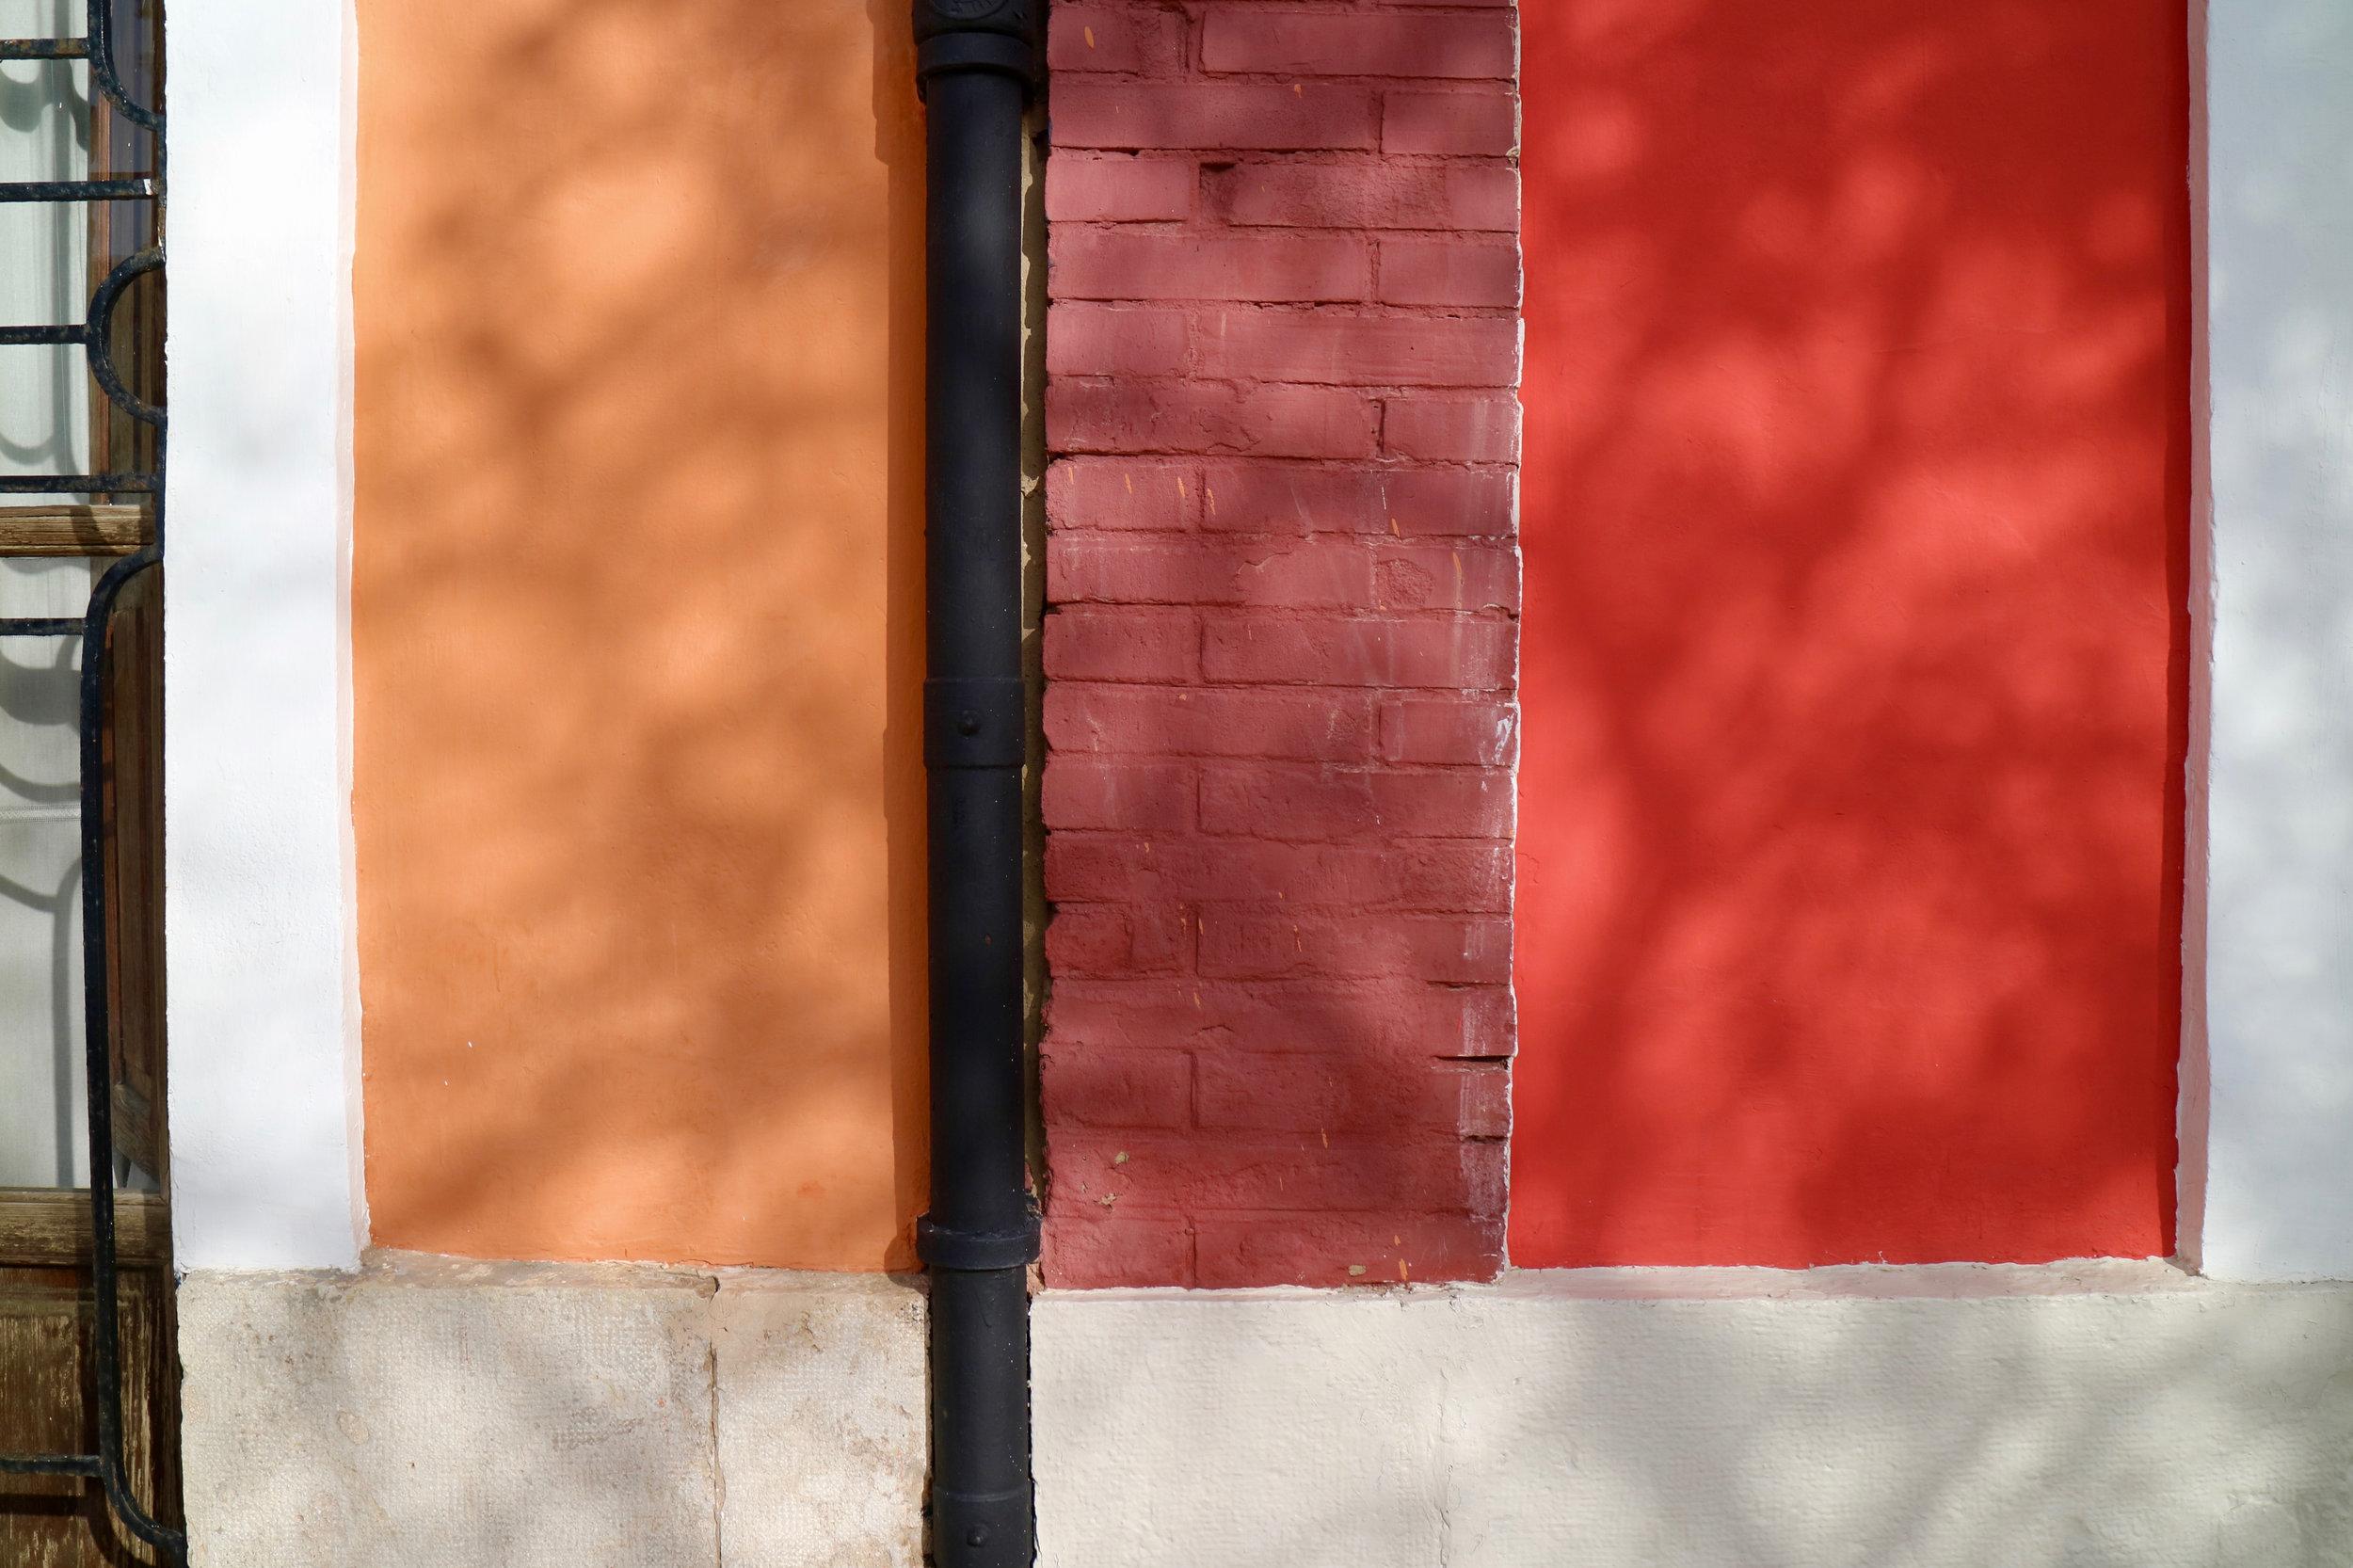 fachada mercado color  valència / comunidad valencia